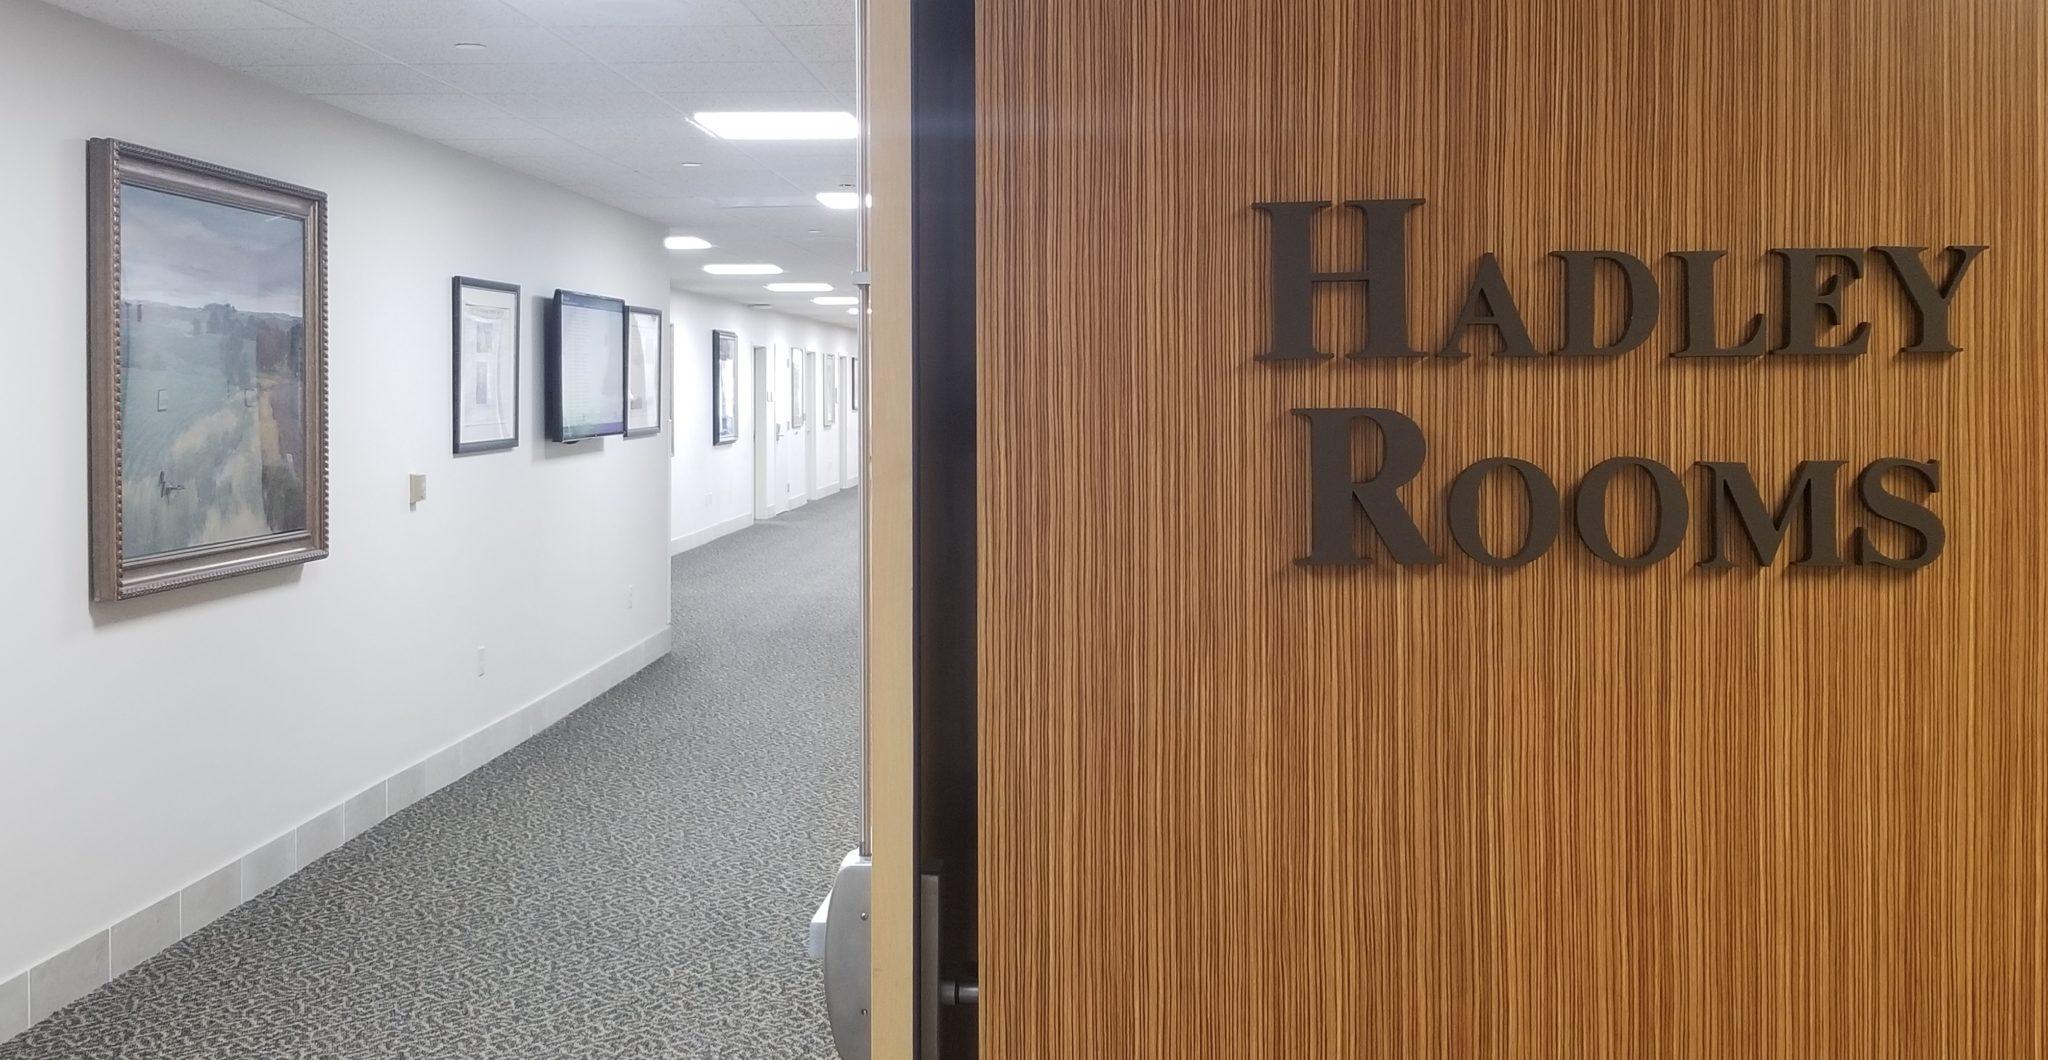 Hadley Rooms Receive Upgrades